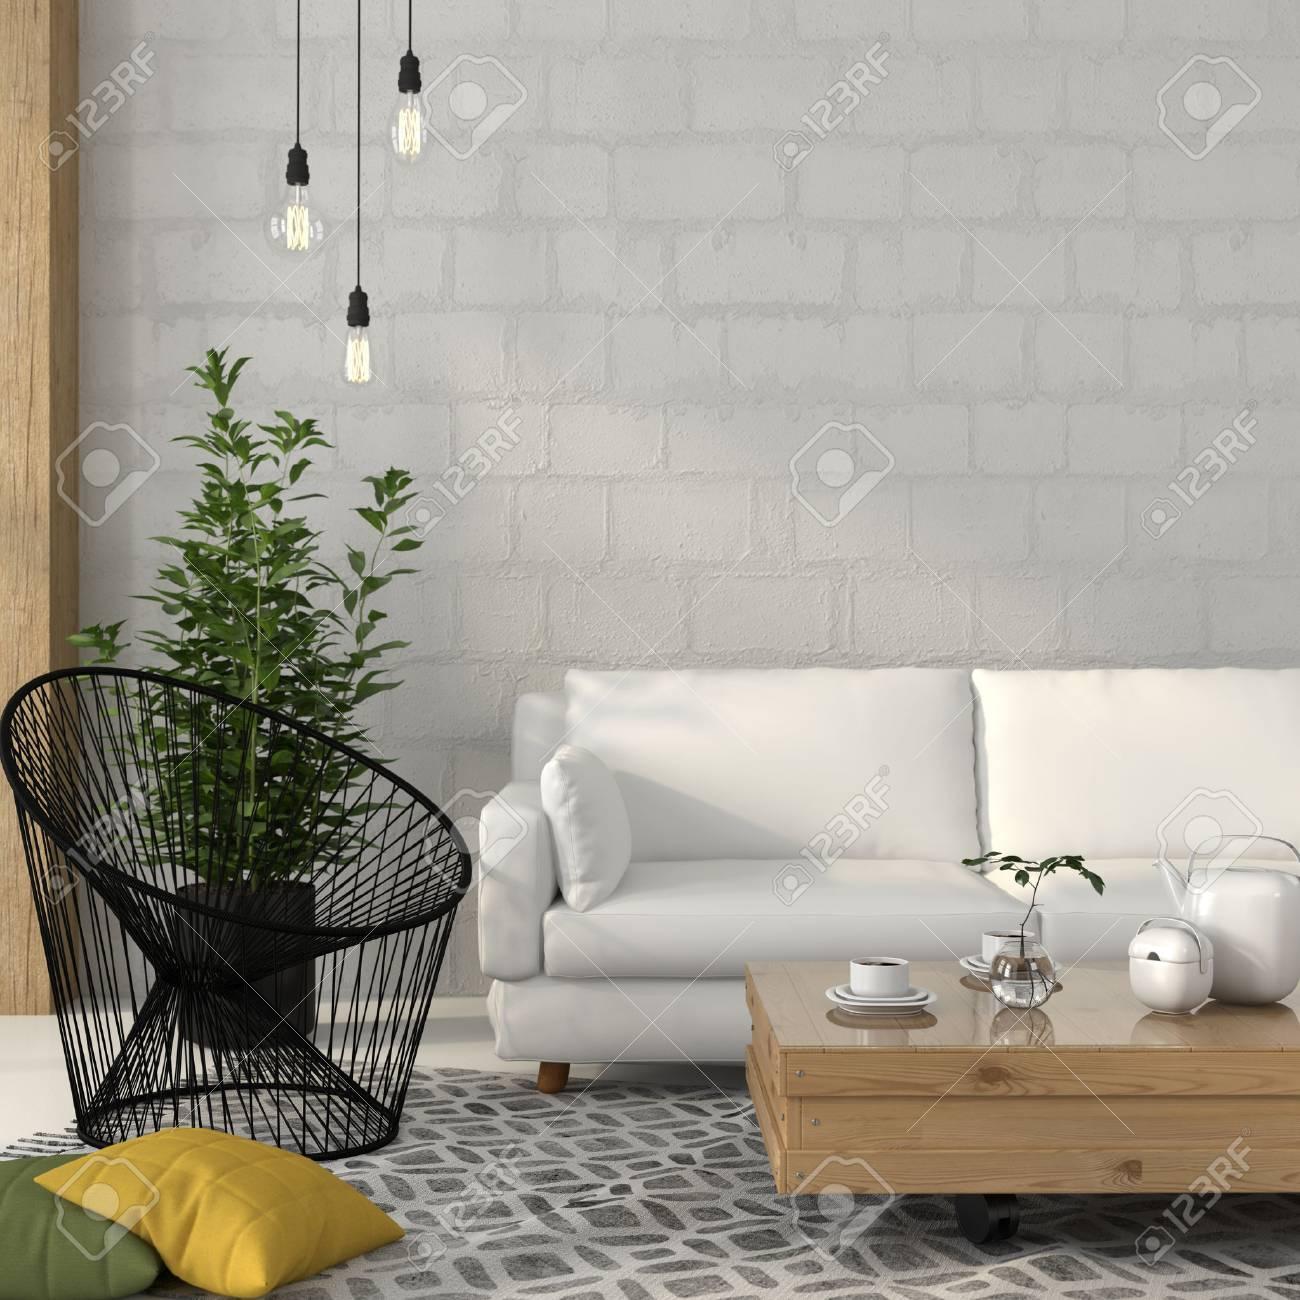 interieur salon d ete avec un canape blanc avec table en bois et un fauteuil sltyle de fil noir